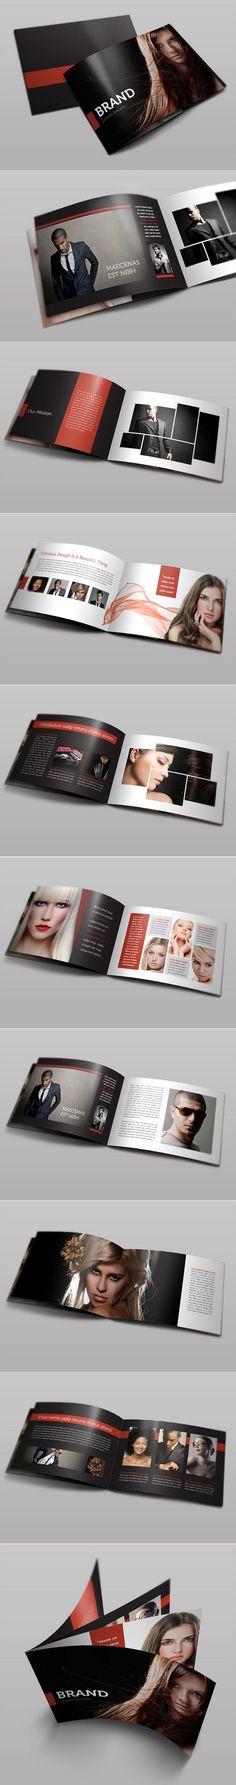 brochures design (28)